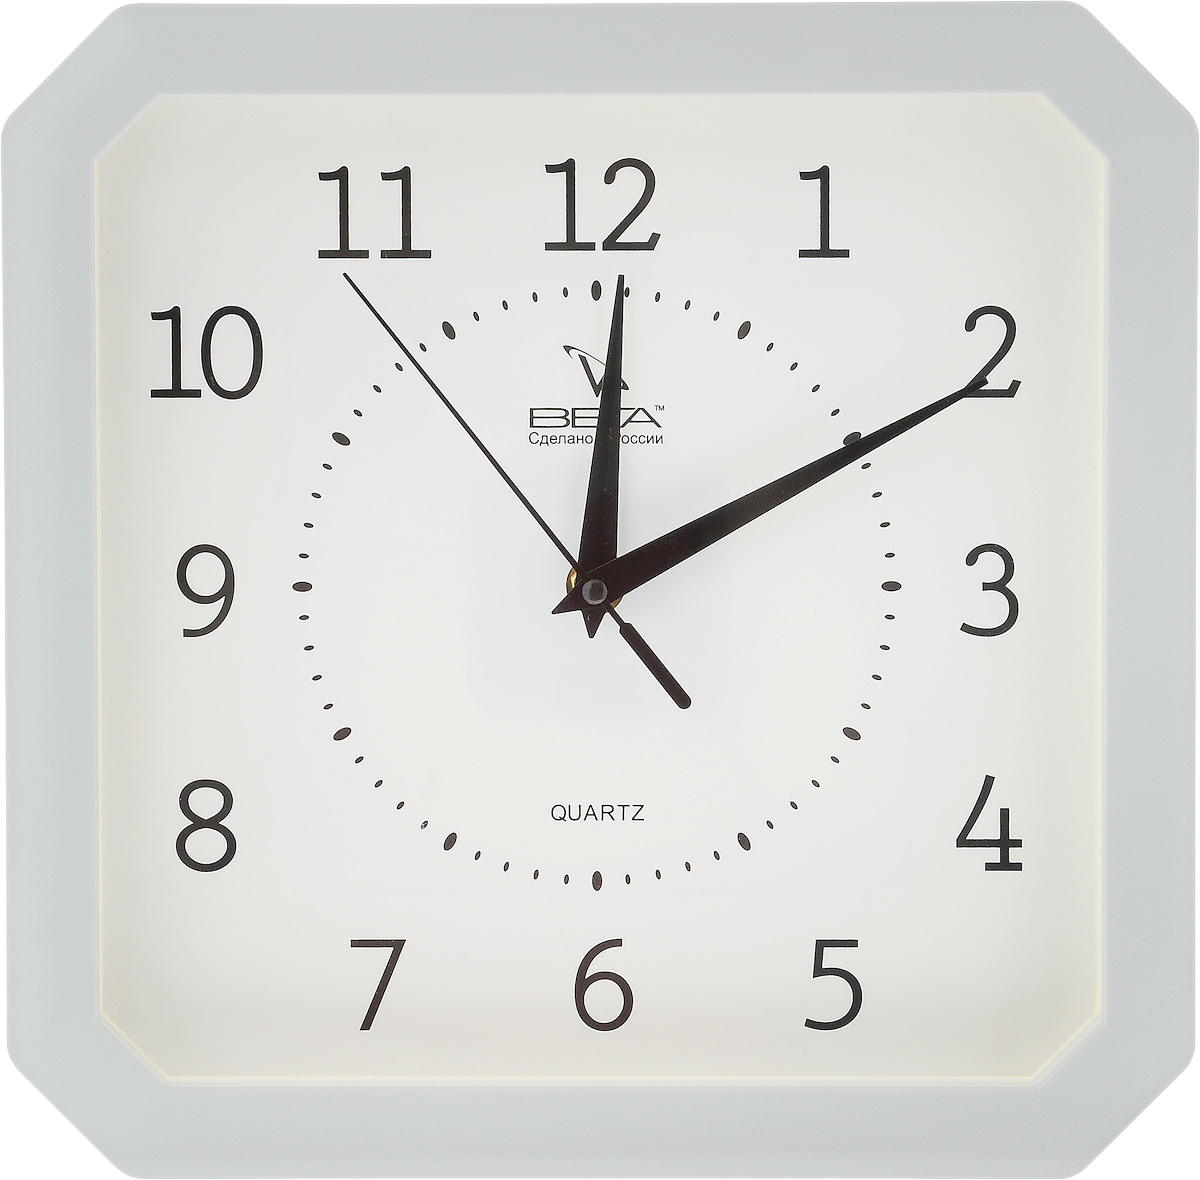 Часы настенные Вега Классика, цвет: серый, белый, 27,5 х 27,5 смП4-5/7-19Настенные кварцевые часы Вега Классика, изготовленные из пластика, прекрасно впишутся в интерьер вашего дома. Часы имеют три стрелки: часовую, минутную и секундную, циферблат защищен прозрачным стеклом. Часы работают от 1 батарейки типа АА напряжением 1,5 В (не входит в комплект).Прилагается инструкция по эксплуатации.